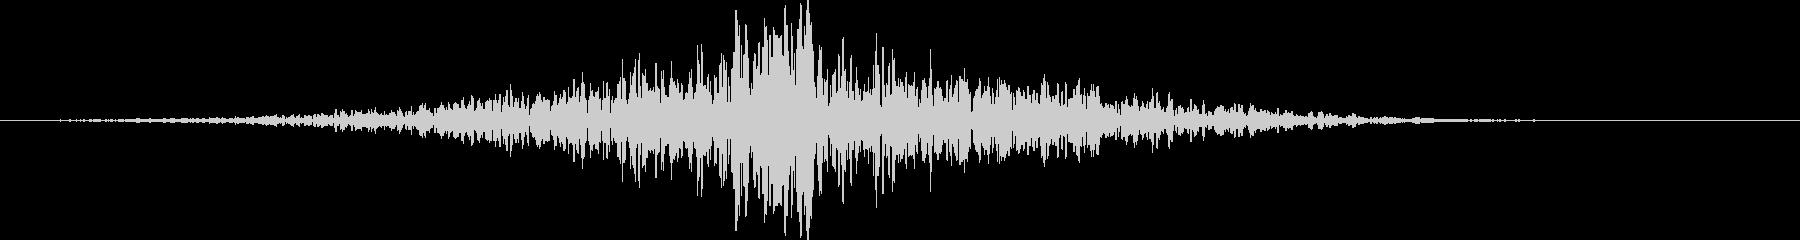 どーん:迫力の地響きする音2の未再生の波形